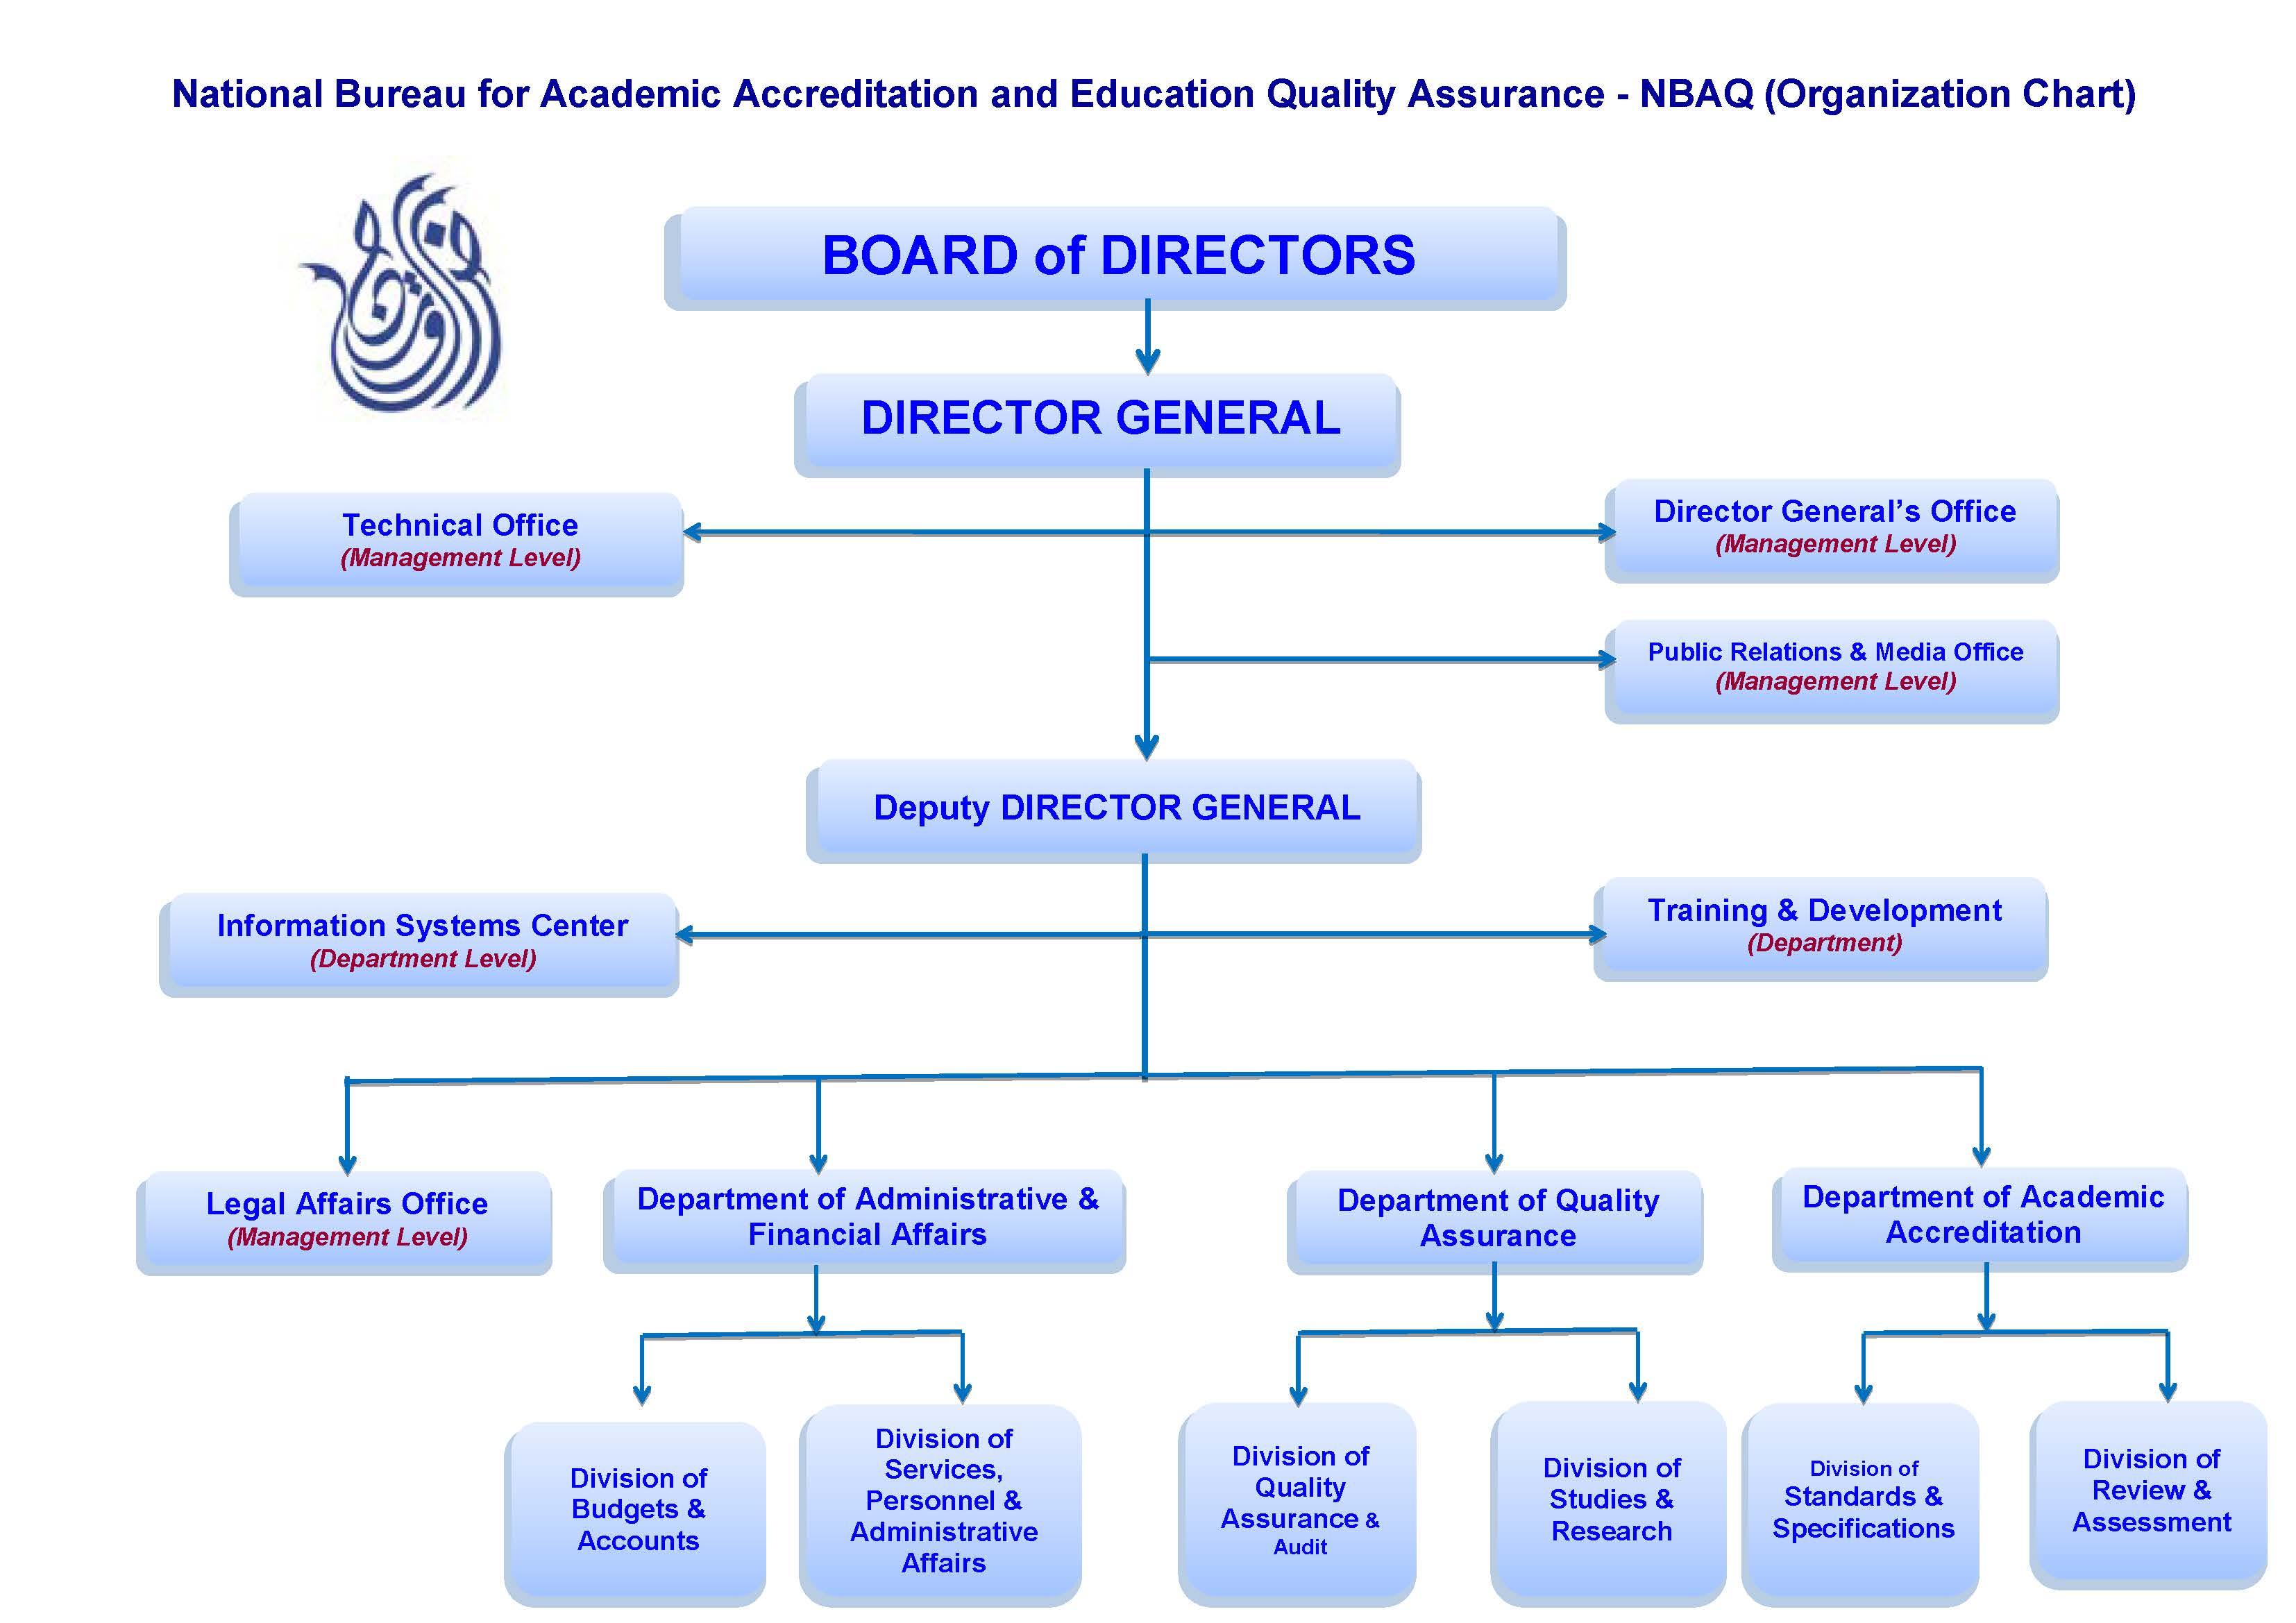 NBAQ Organization Chart